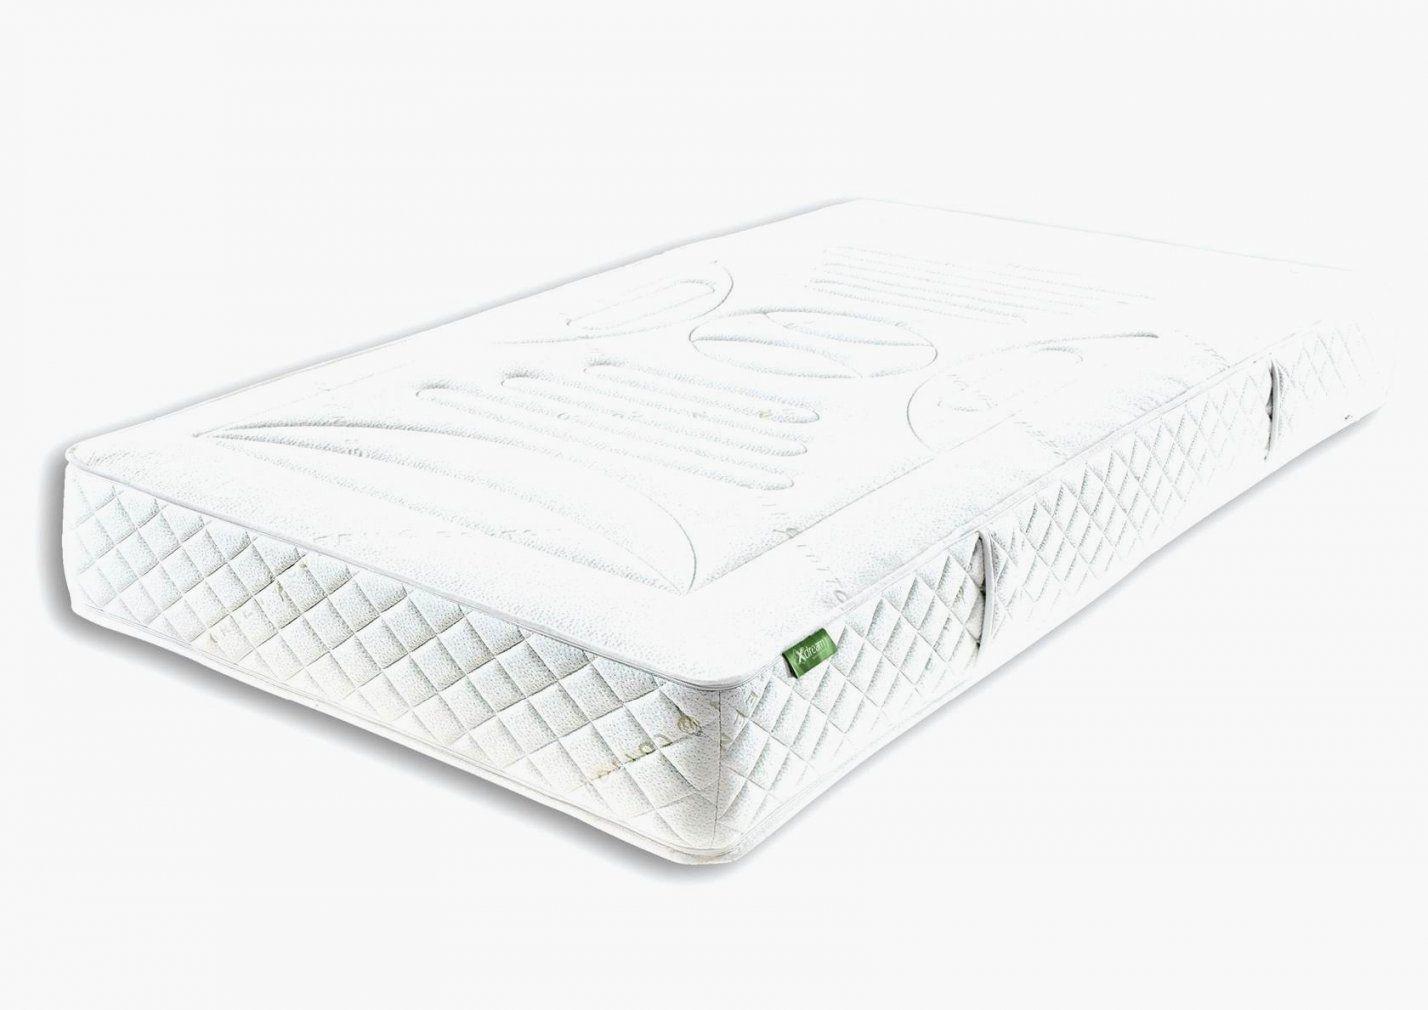 Matratzen Concord Oldenburg Elegant Bau Bezieht Sich Auf Matratzen von Concord Matratzen Bremen Bild